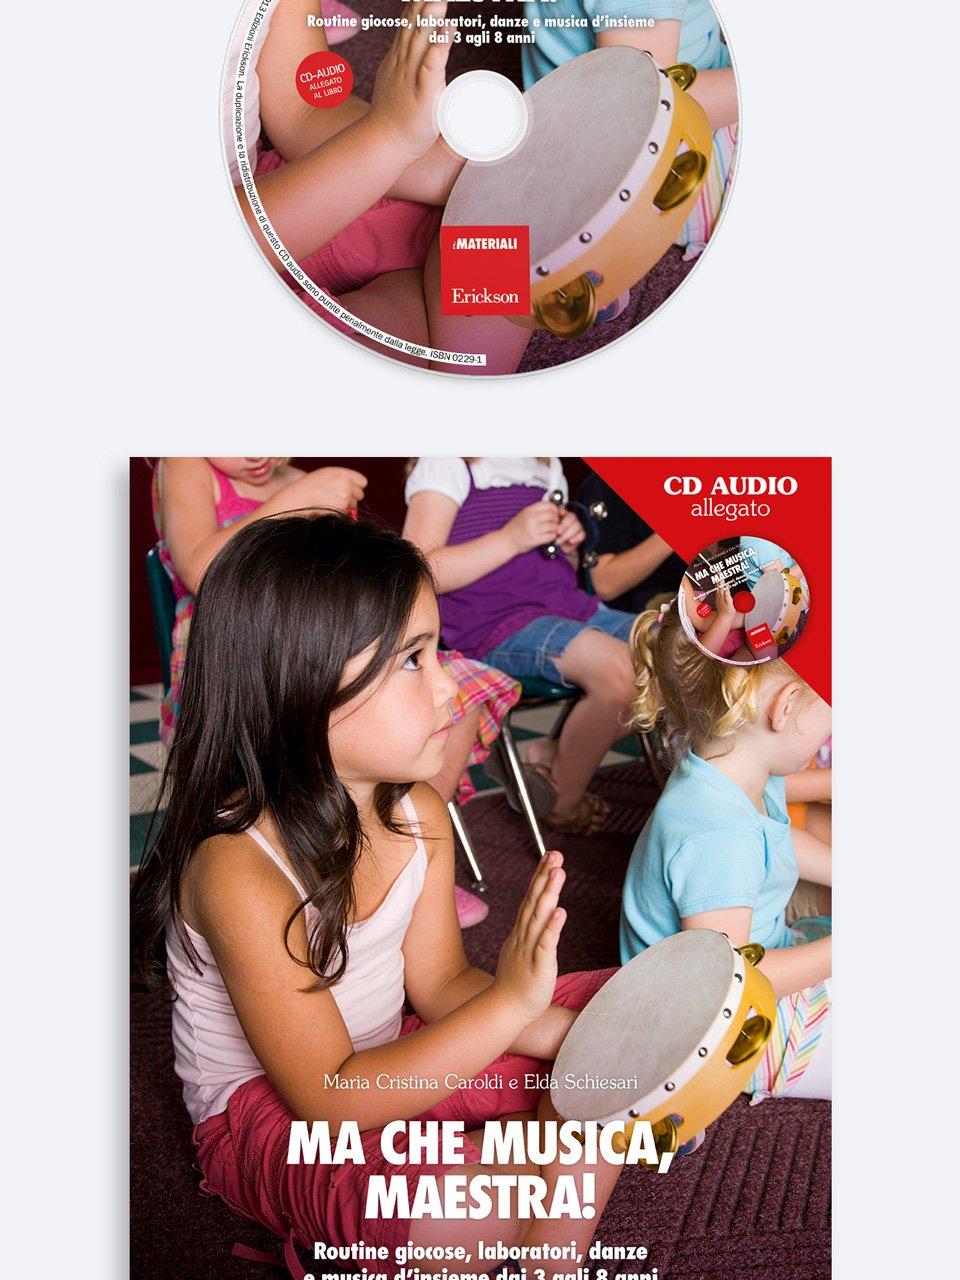 Ma che musica, maestra! - Musicalità e pratiche inclusive - Libri - Erickson